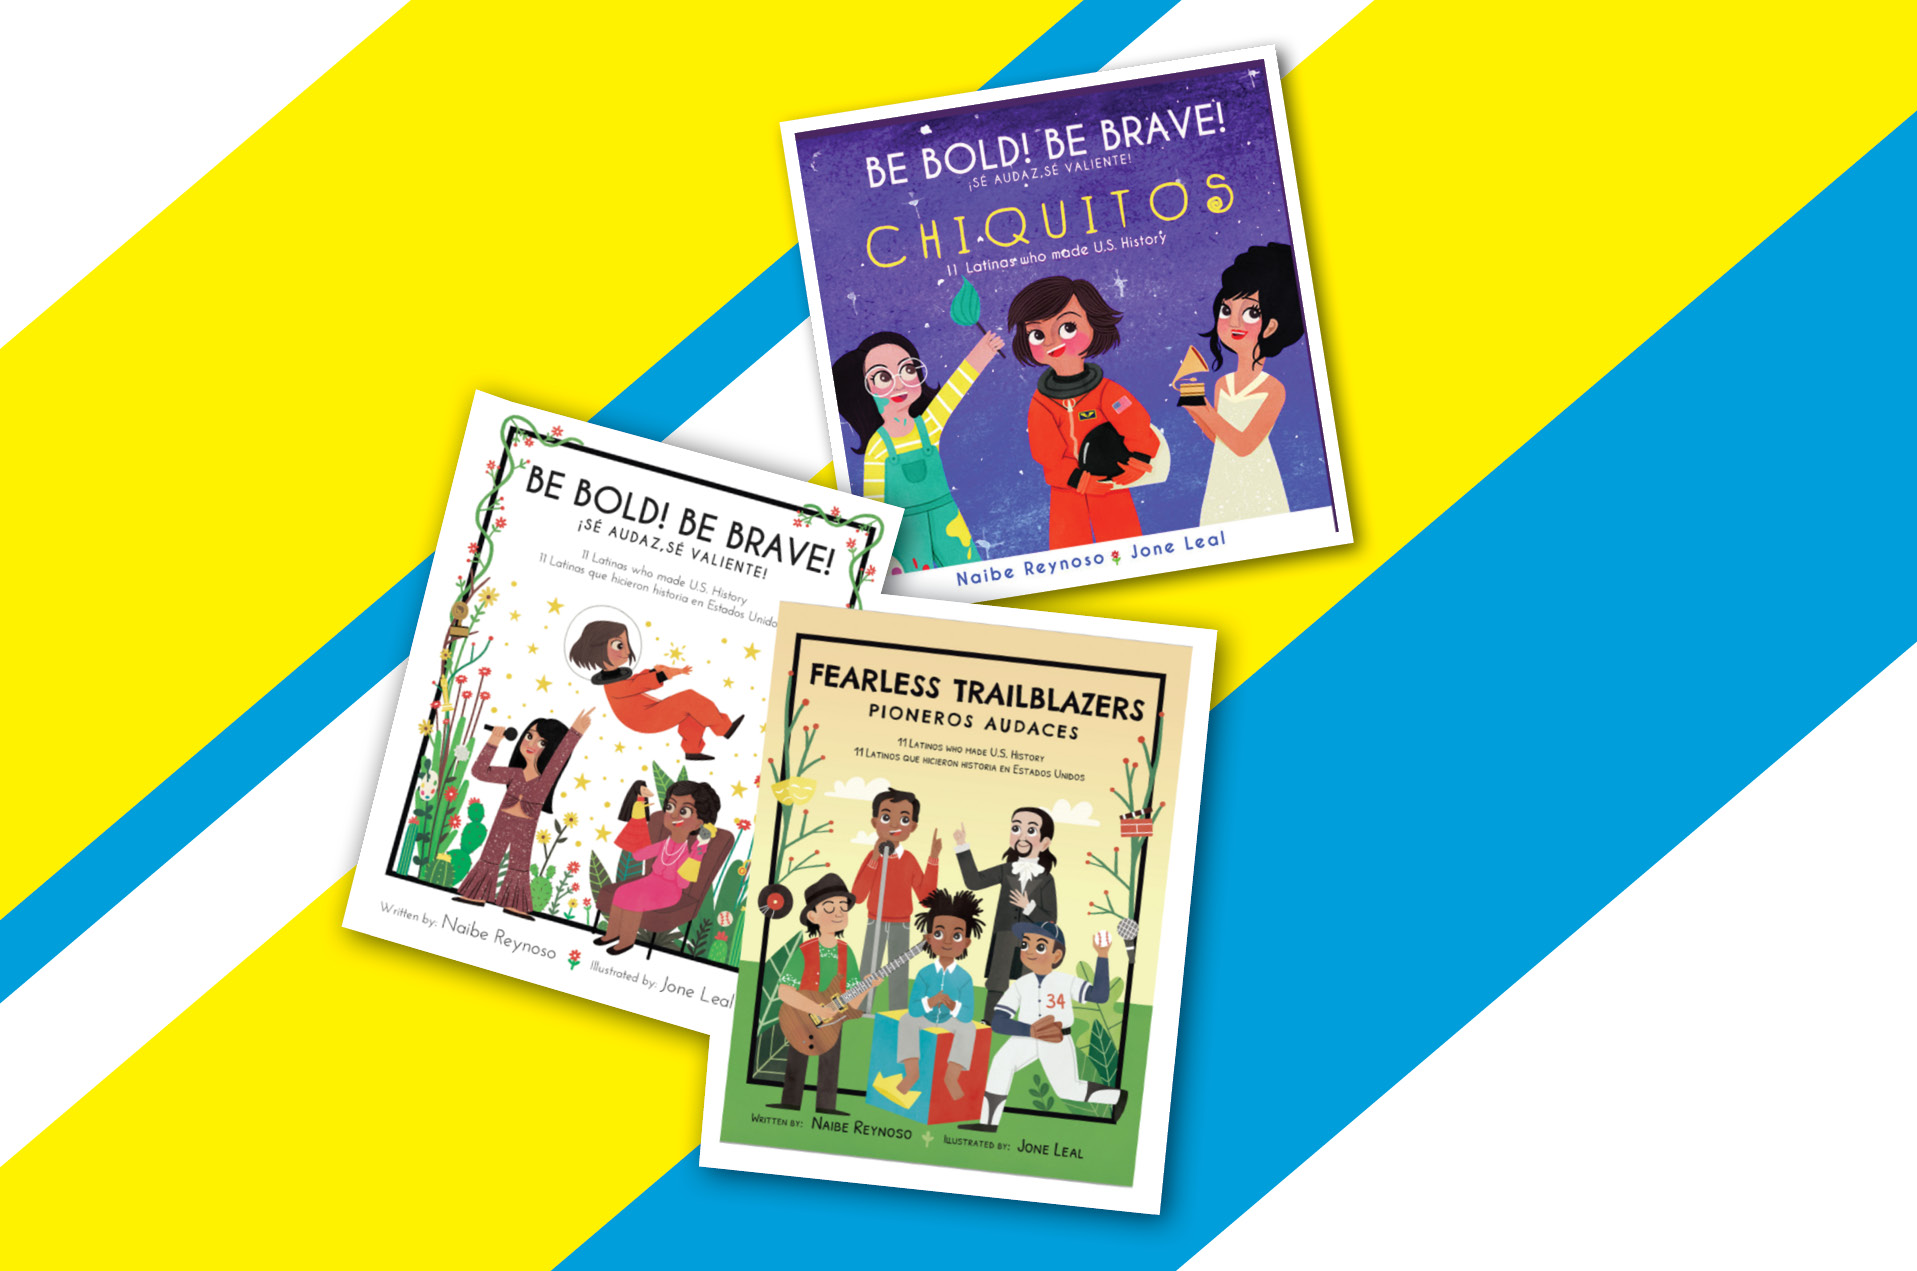 Un mundo latino a tu alcance, compártelo con tus niños durante esta cuarentena